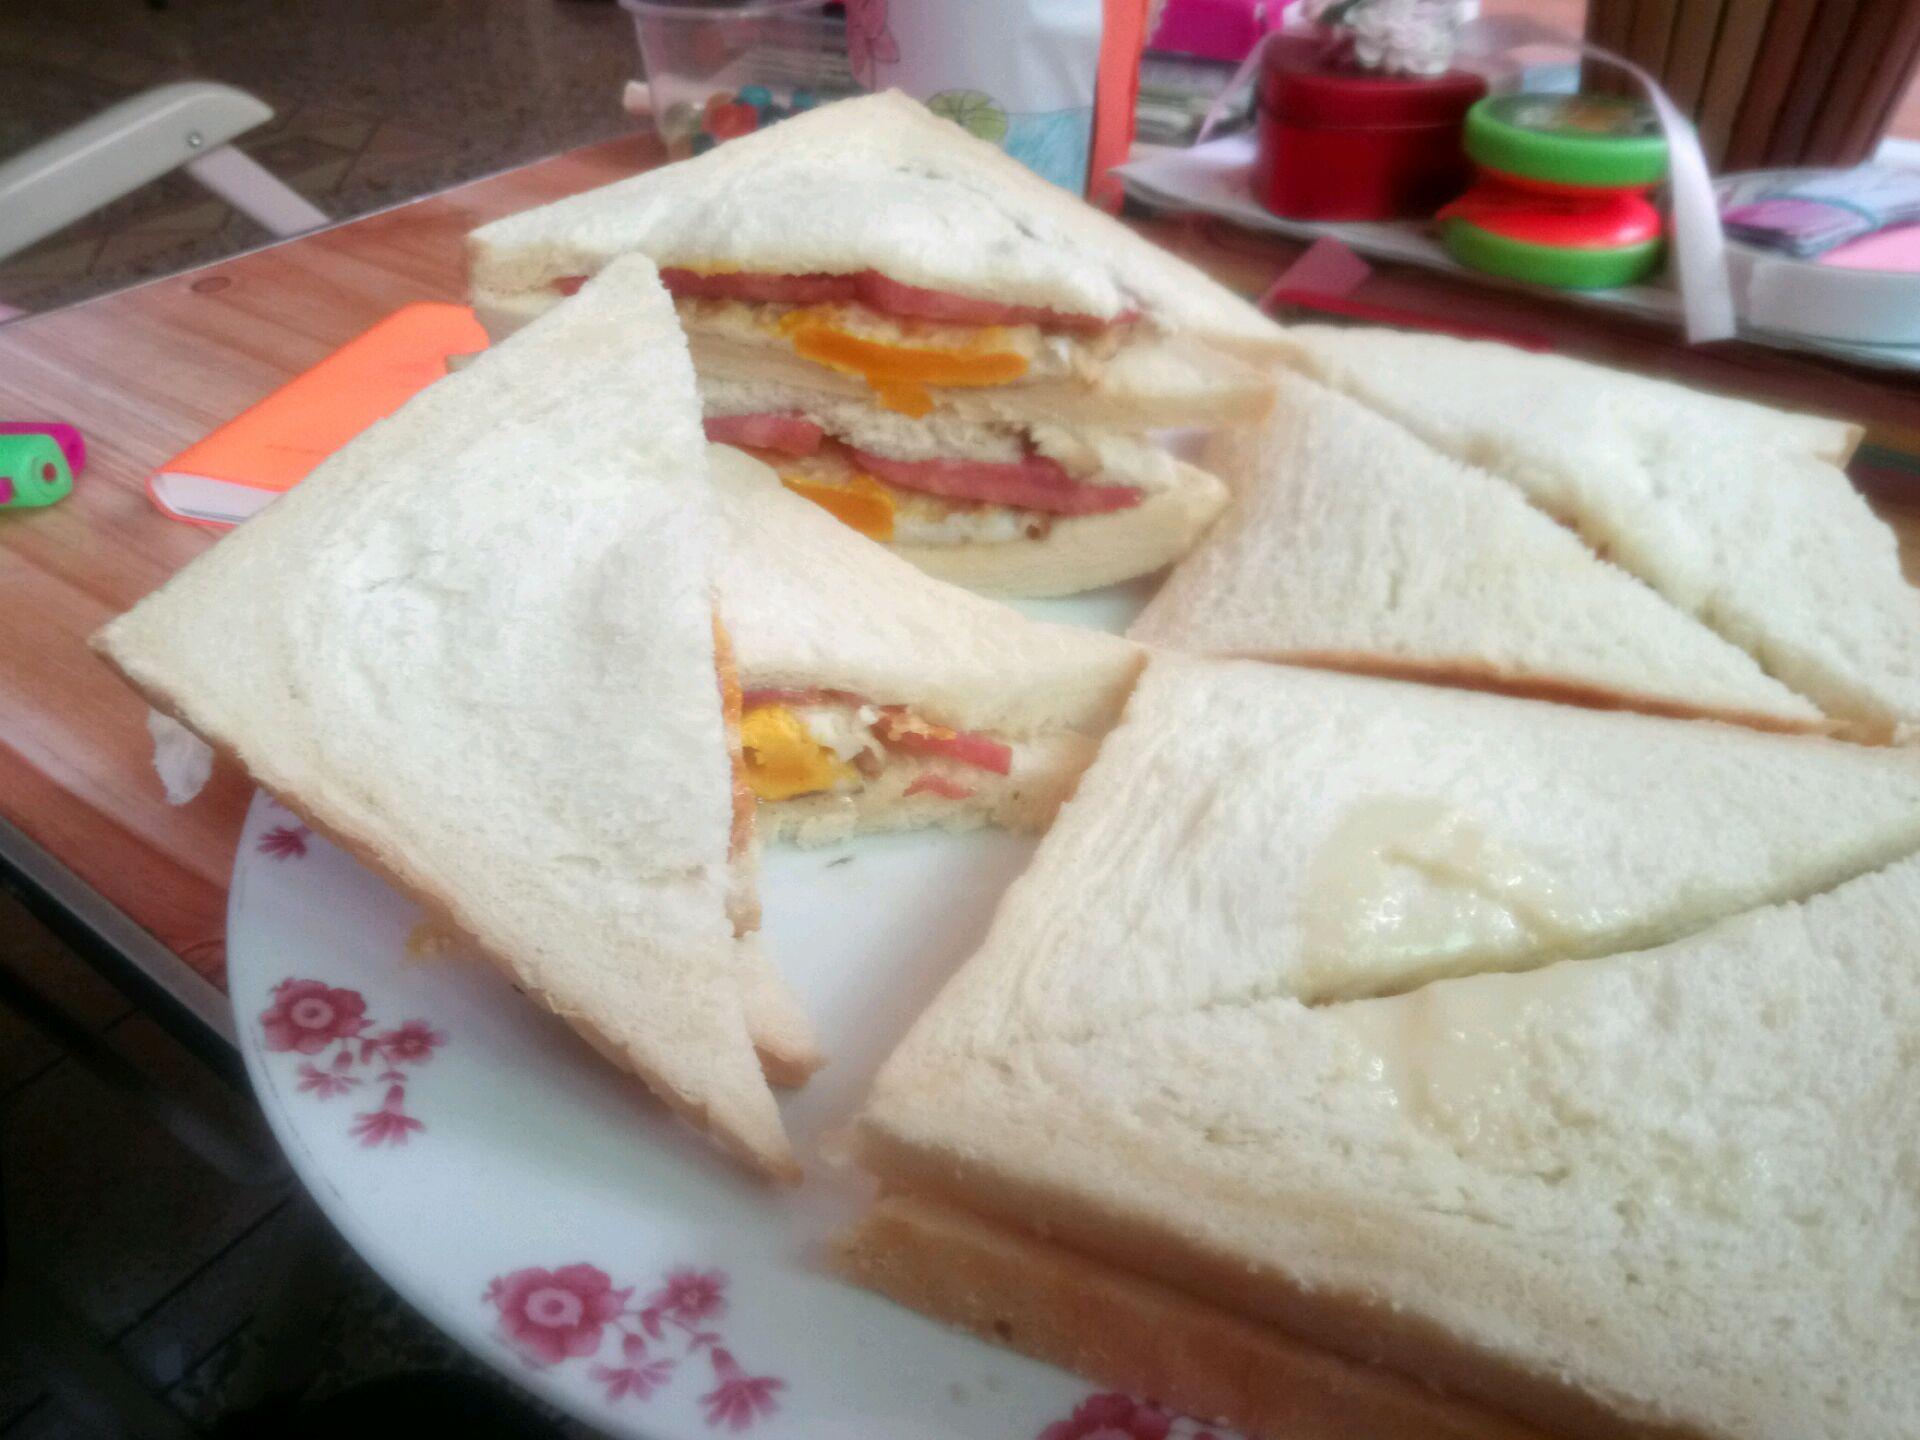 三明治的做法_【图解】三明治怎么做如何做好吃_家常